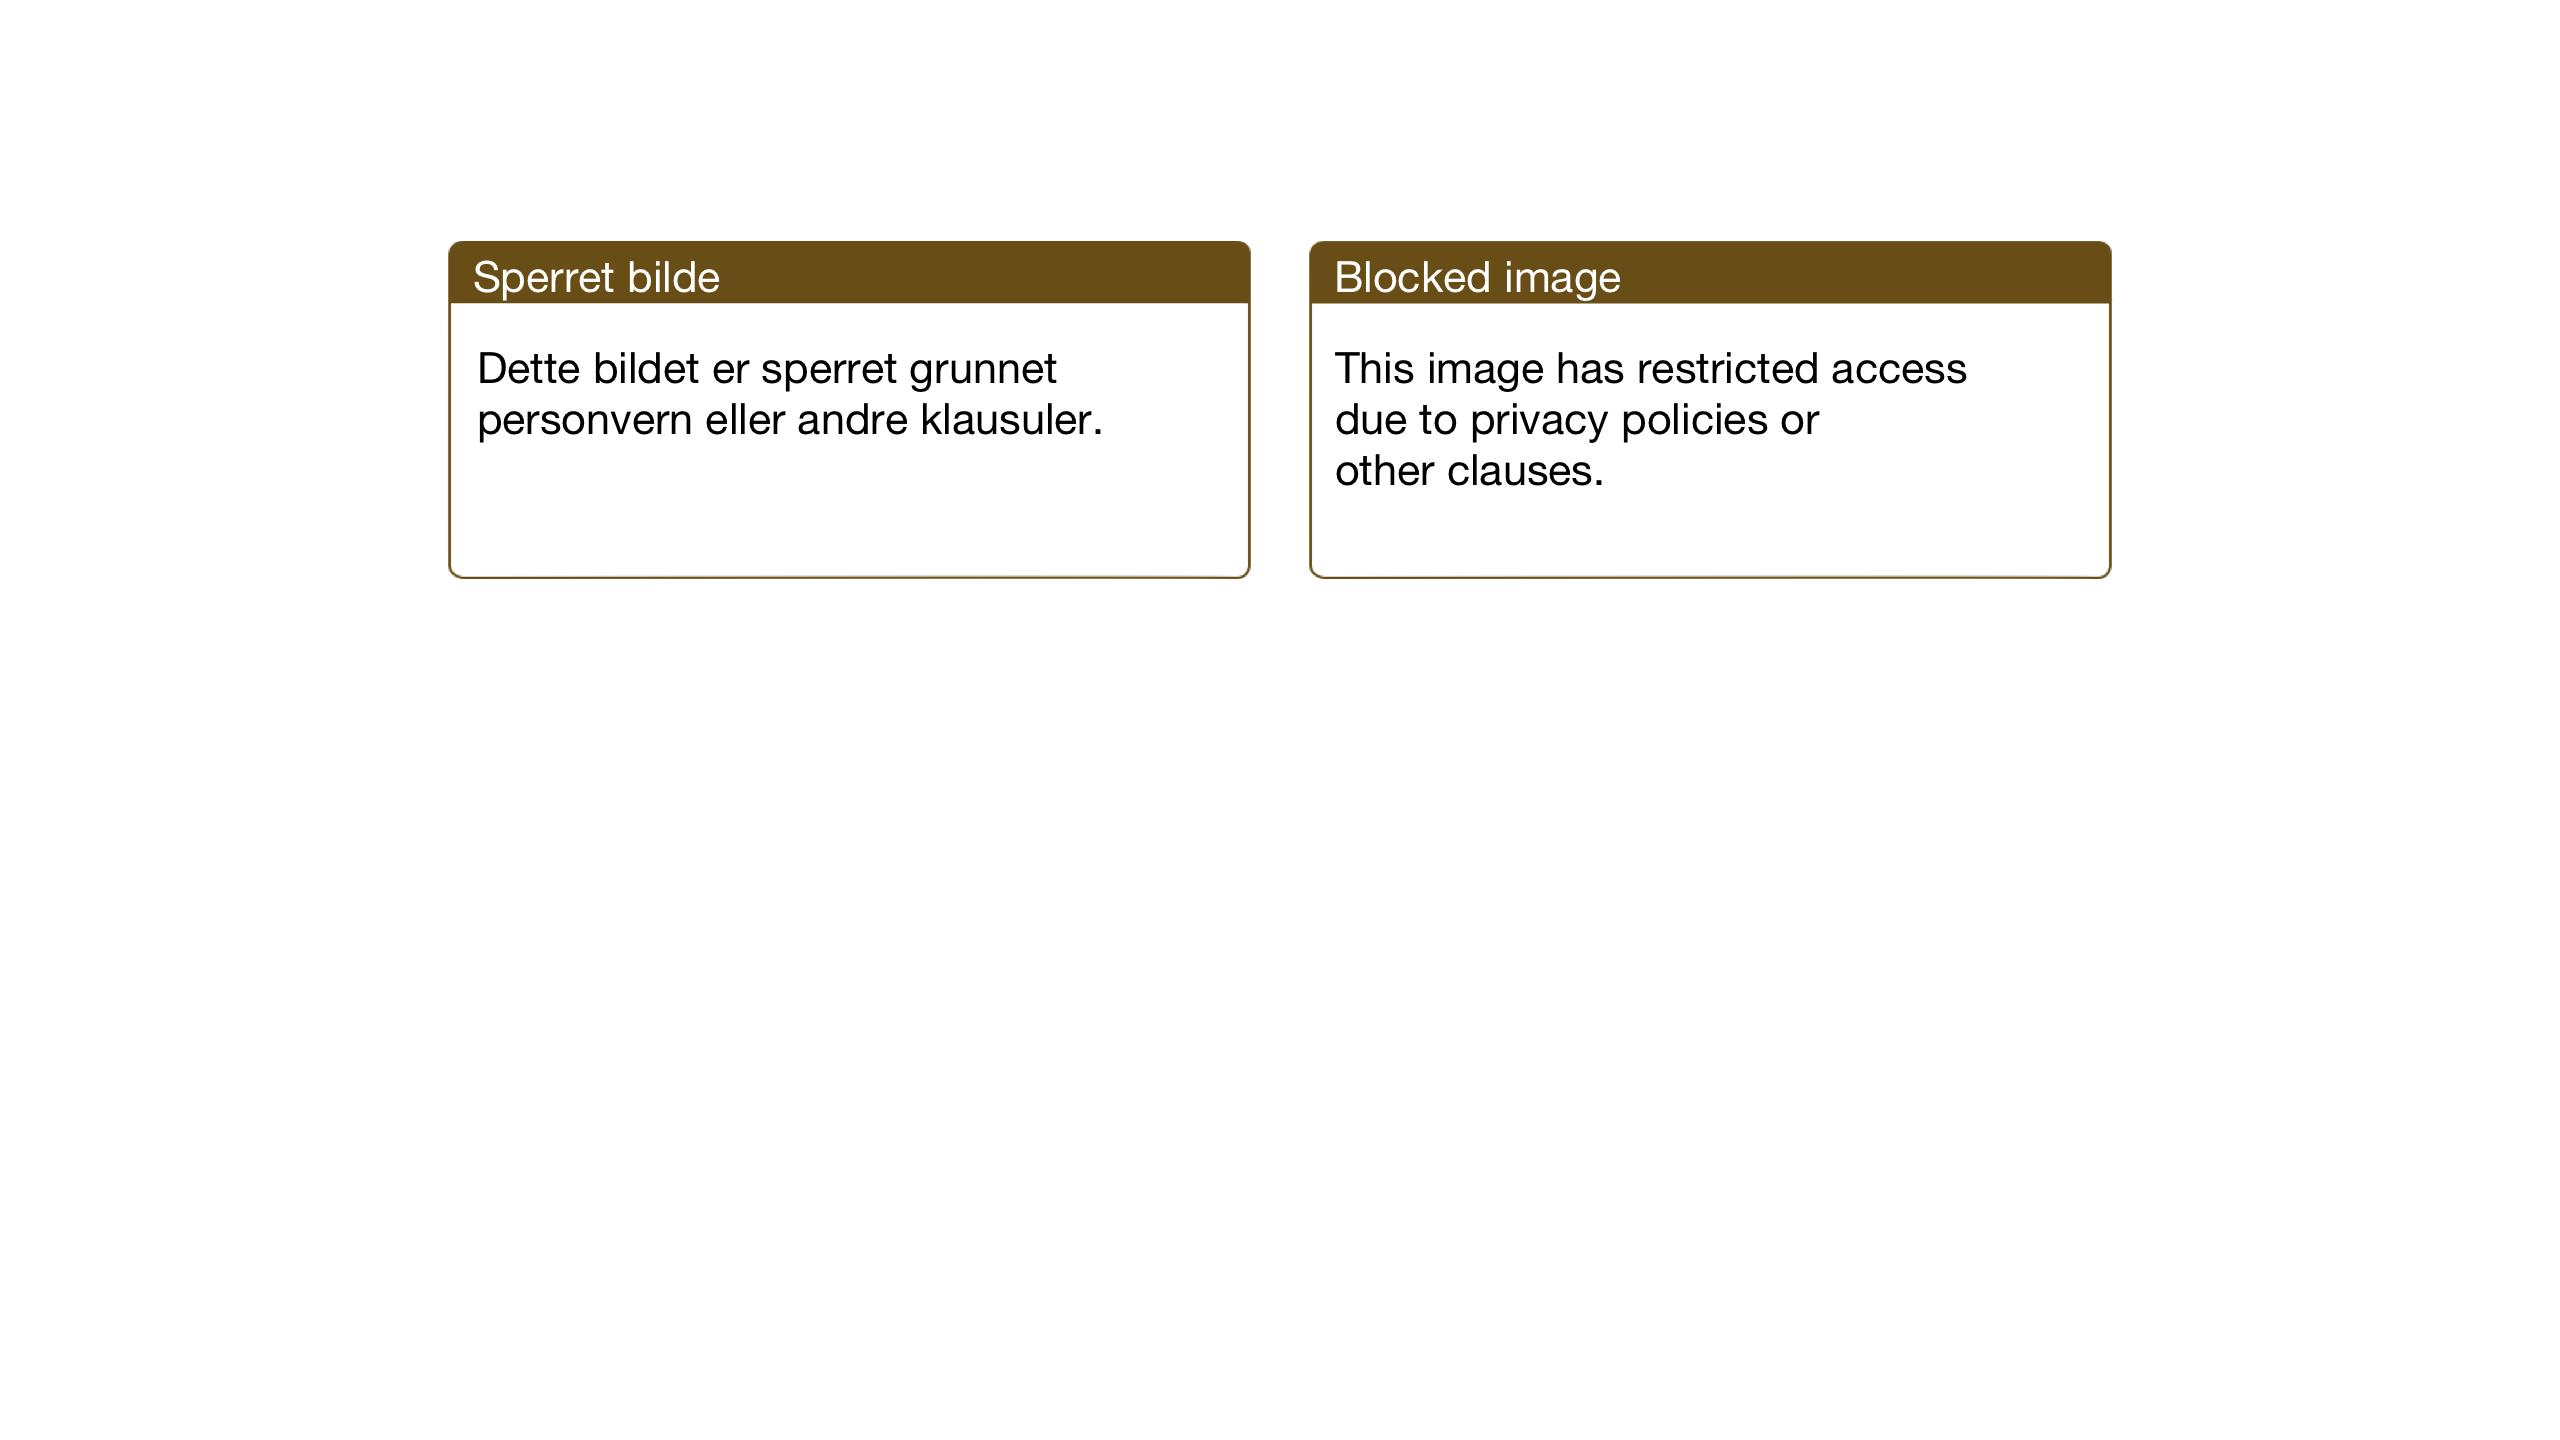 SAT, Ministerialprotokoller, klokkerbøker og fødselsregistre - Sør-Trøndelag, 640/L0590: Klokkerbok nr. 640C07, 1935-1948, s. 37